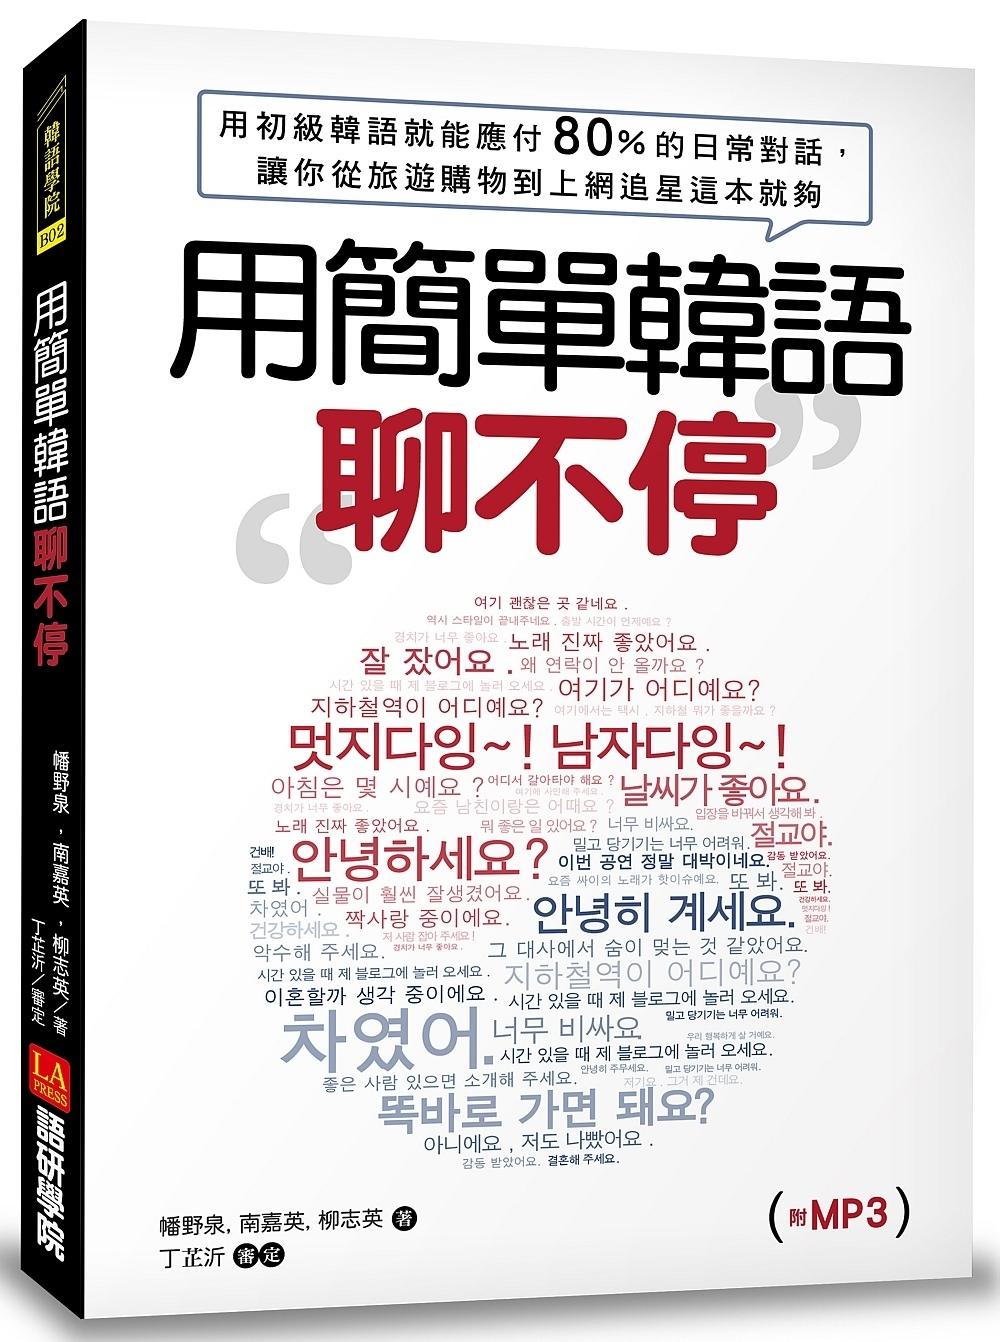 用簡單韓語聊不停:用初級韓語就能應付80%以上的日常對話,讓你從旅遊、購物到上網、追星這本就夠(附MP3)